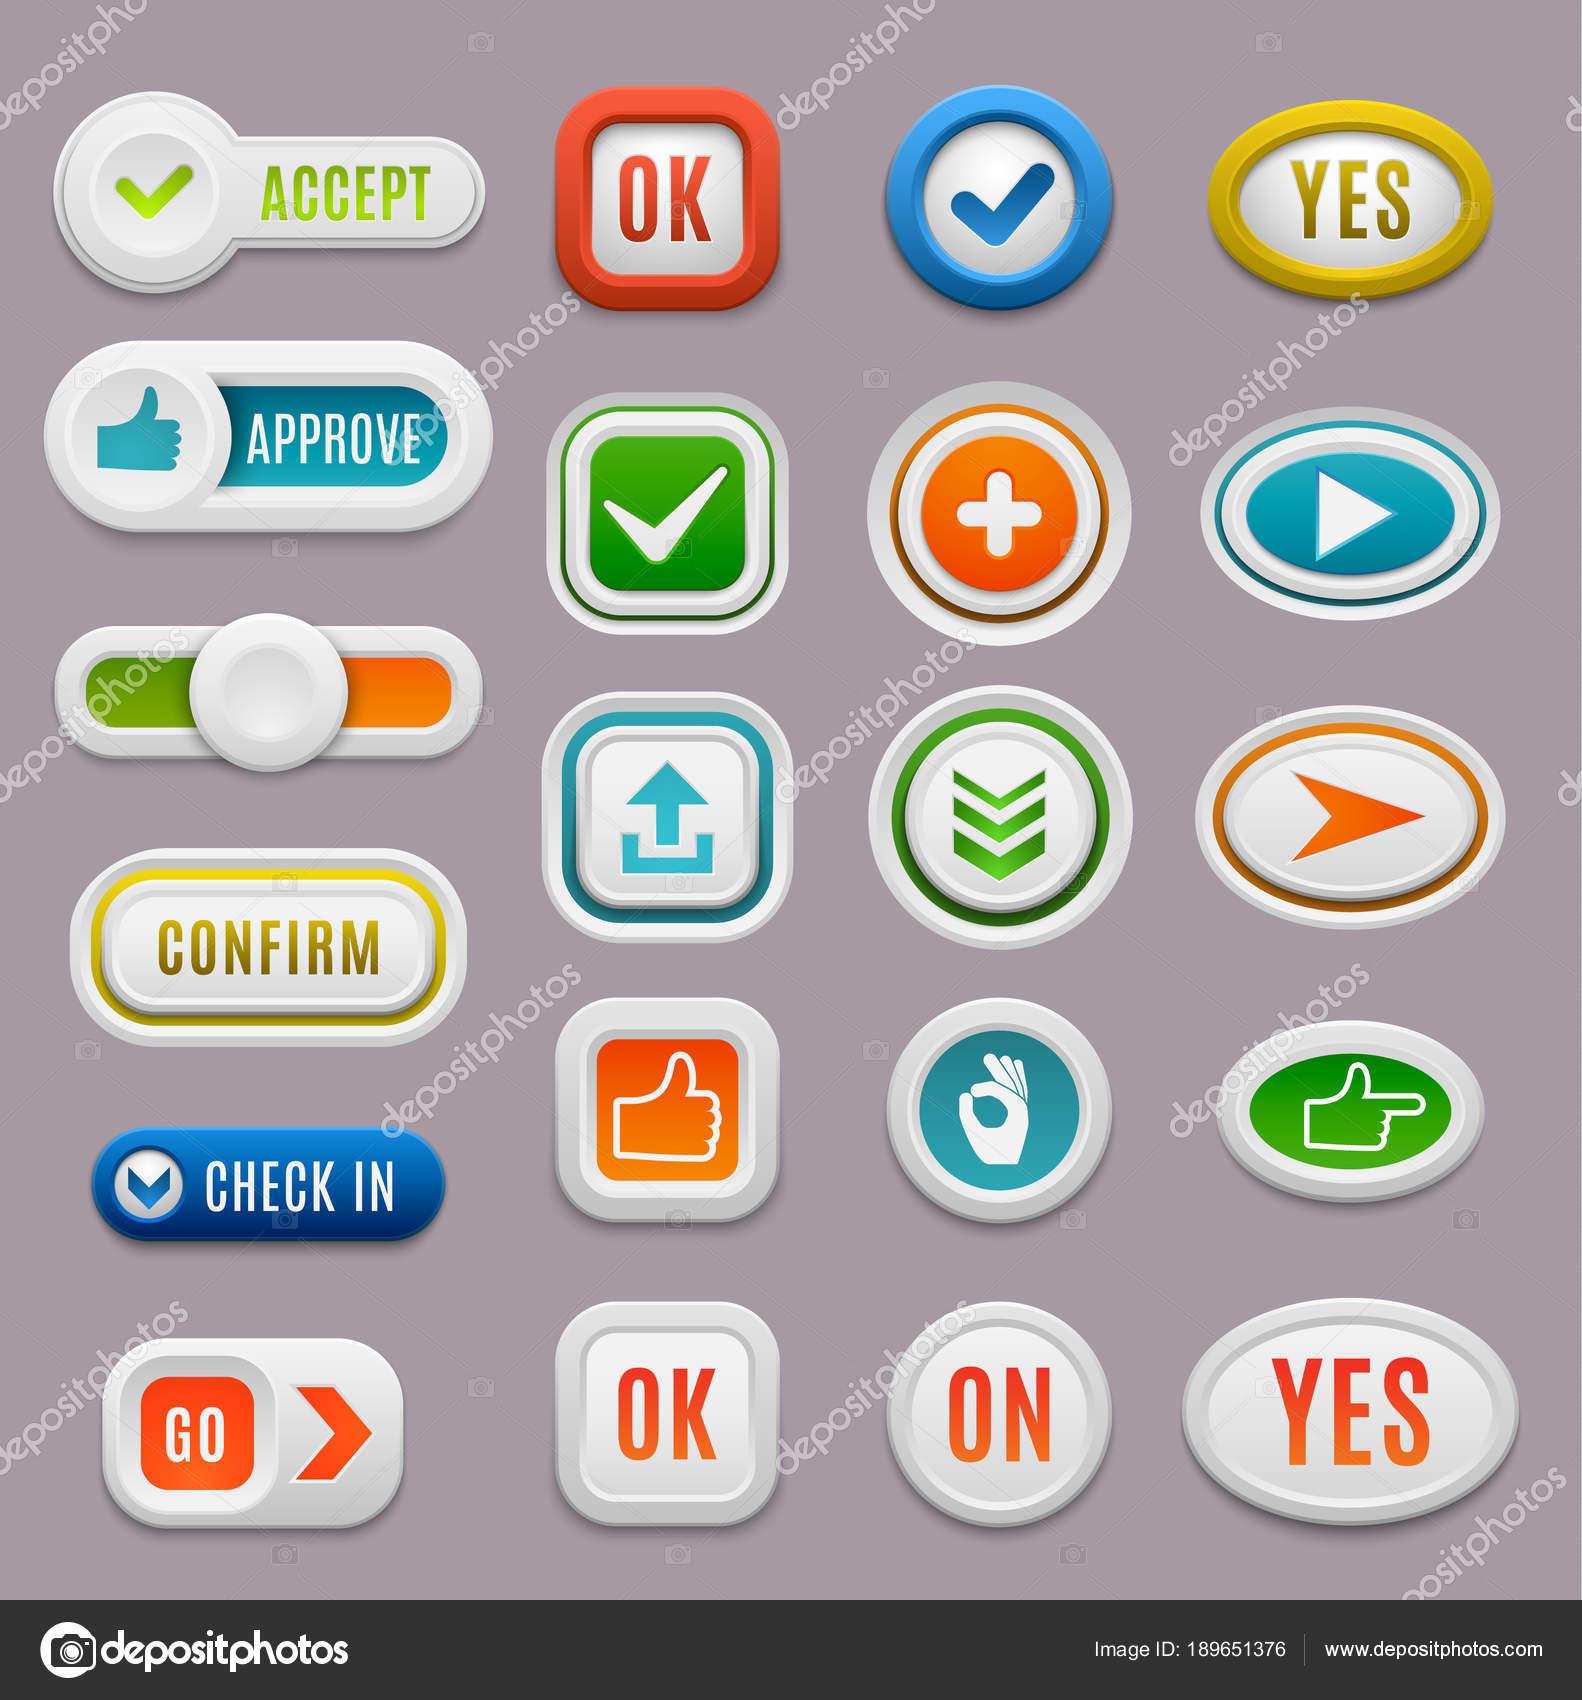 Утвердить интерфейс кнопки ОК, отмена да вектор голосовать Интернет  проверить кнопку ОК позитивный набор. Веб-сайт принимает кнопку ОК успех  красный знак ... 0705fa82a0c